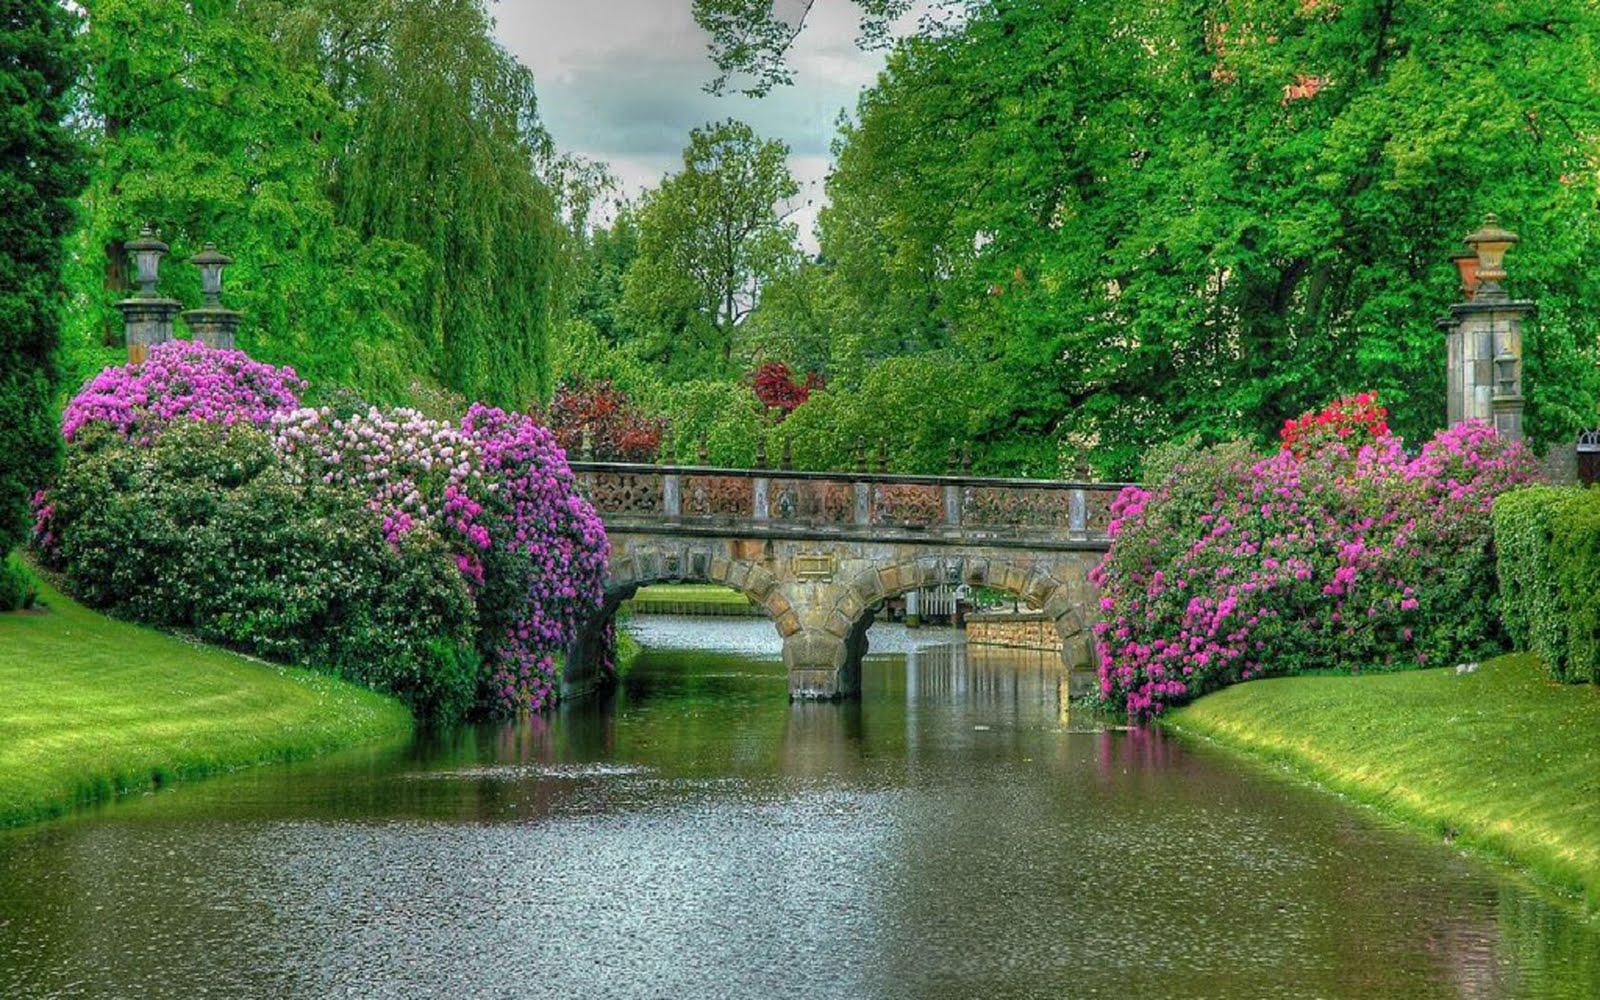 Beautiful Nature Wallpaper Hd - Most Beautiful Nature Scenery World - HD Wallpaper